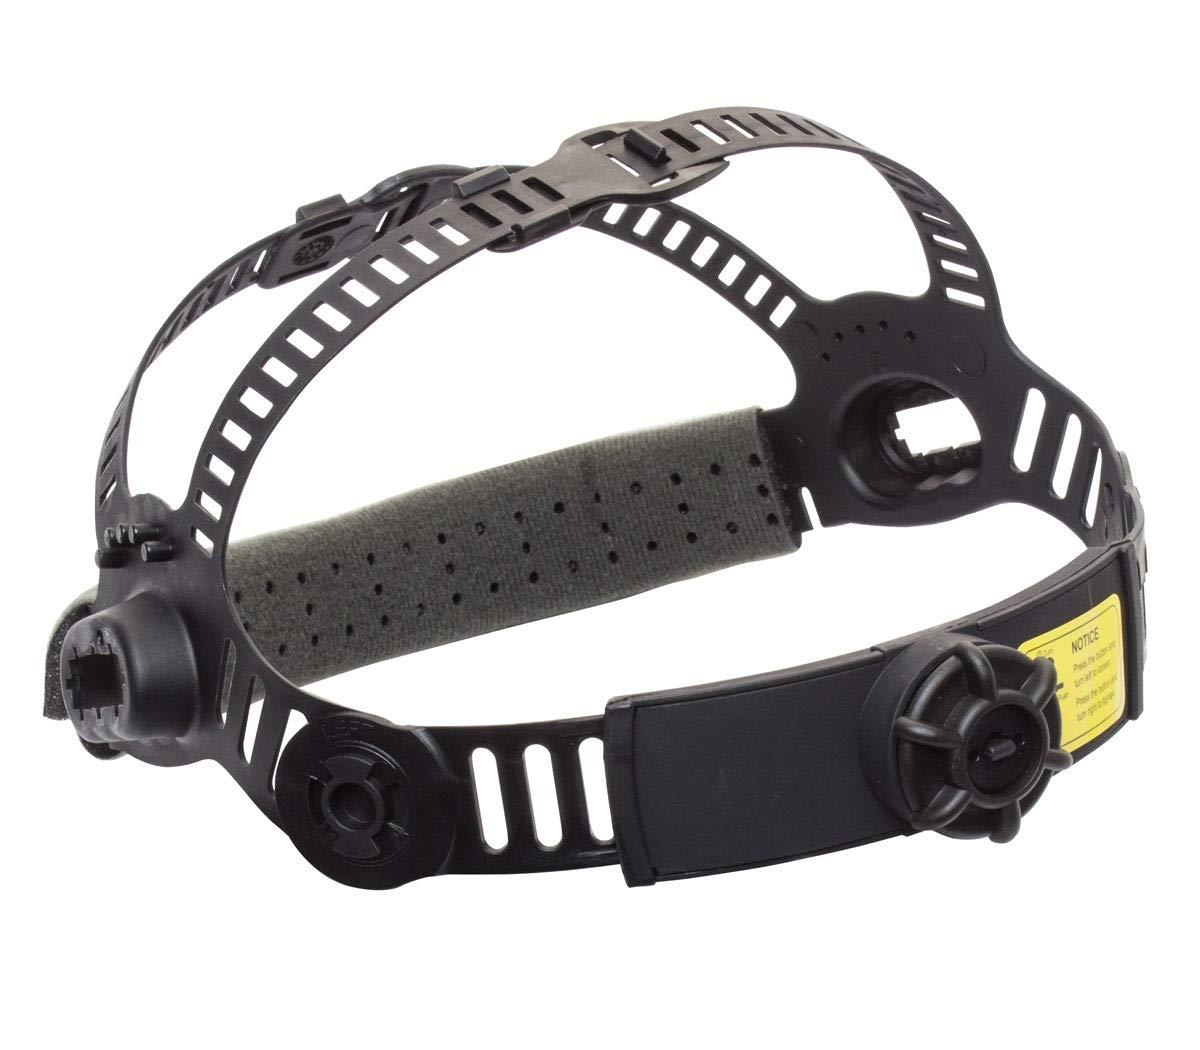 Eastwood Large View Auto Darkening Welding Helmet Mask Kit Adjustable Headband Comfortable L6700